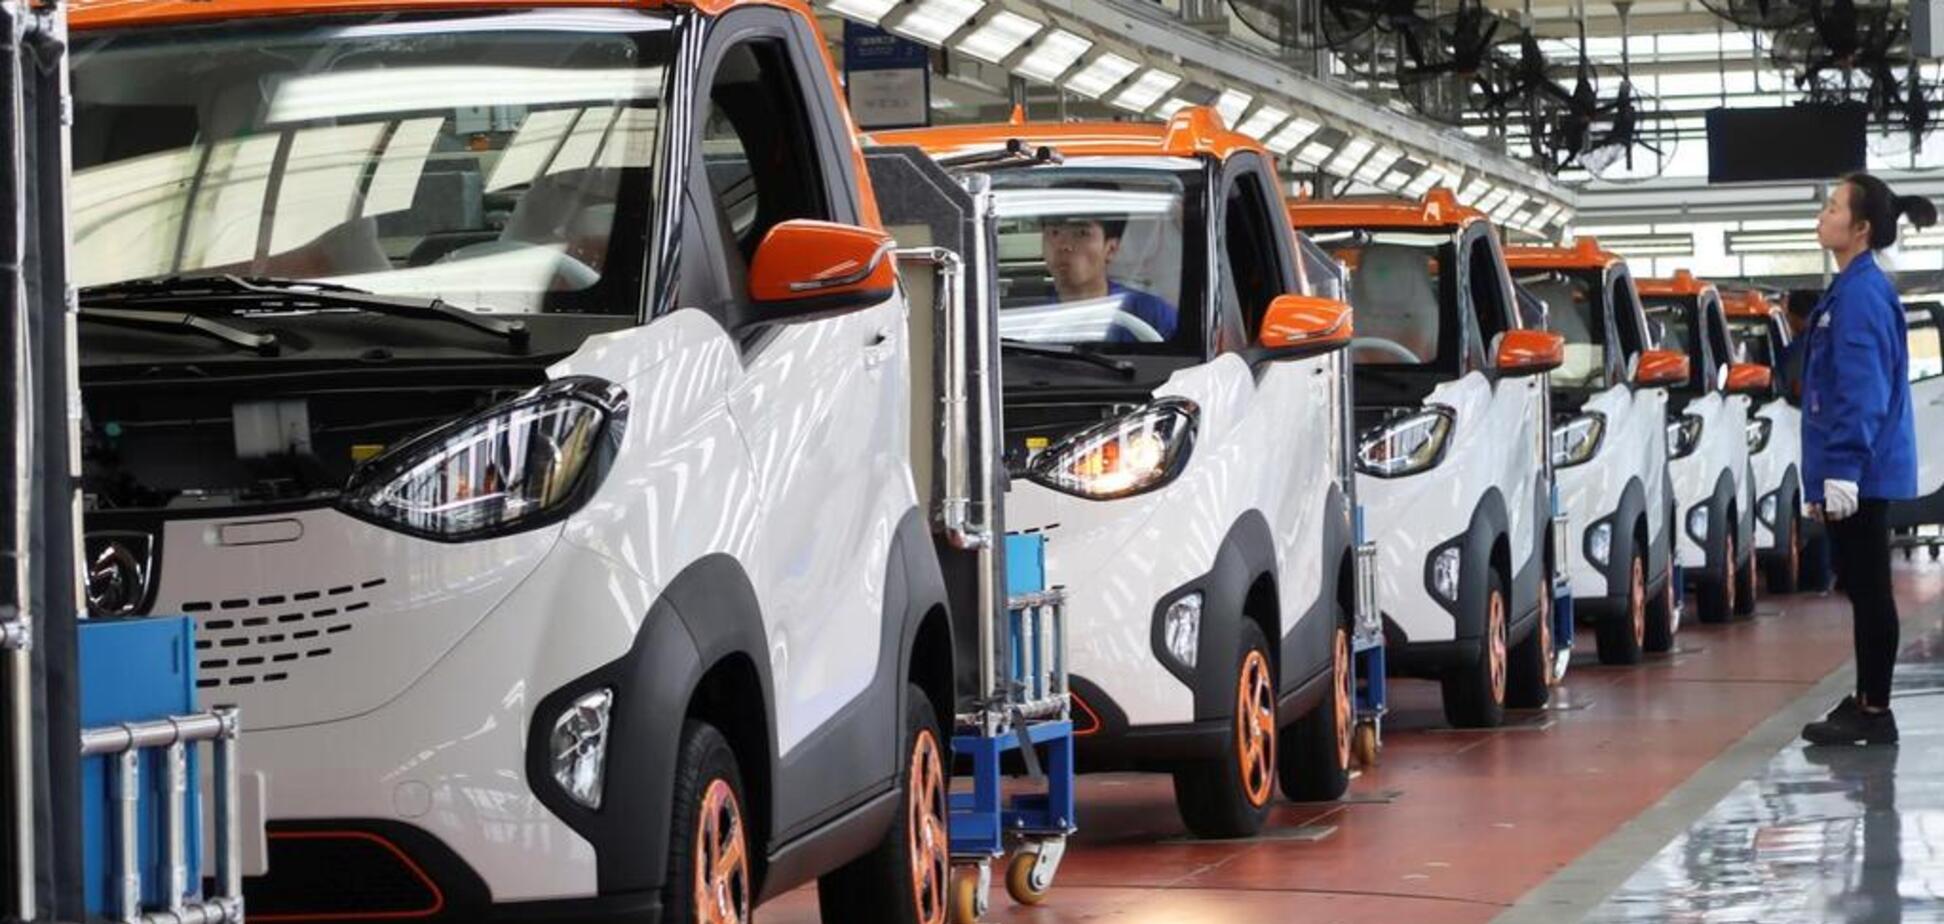 Впервые в истории: рынок электромобилей совершил непредсказуемый скачок